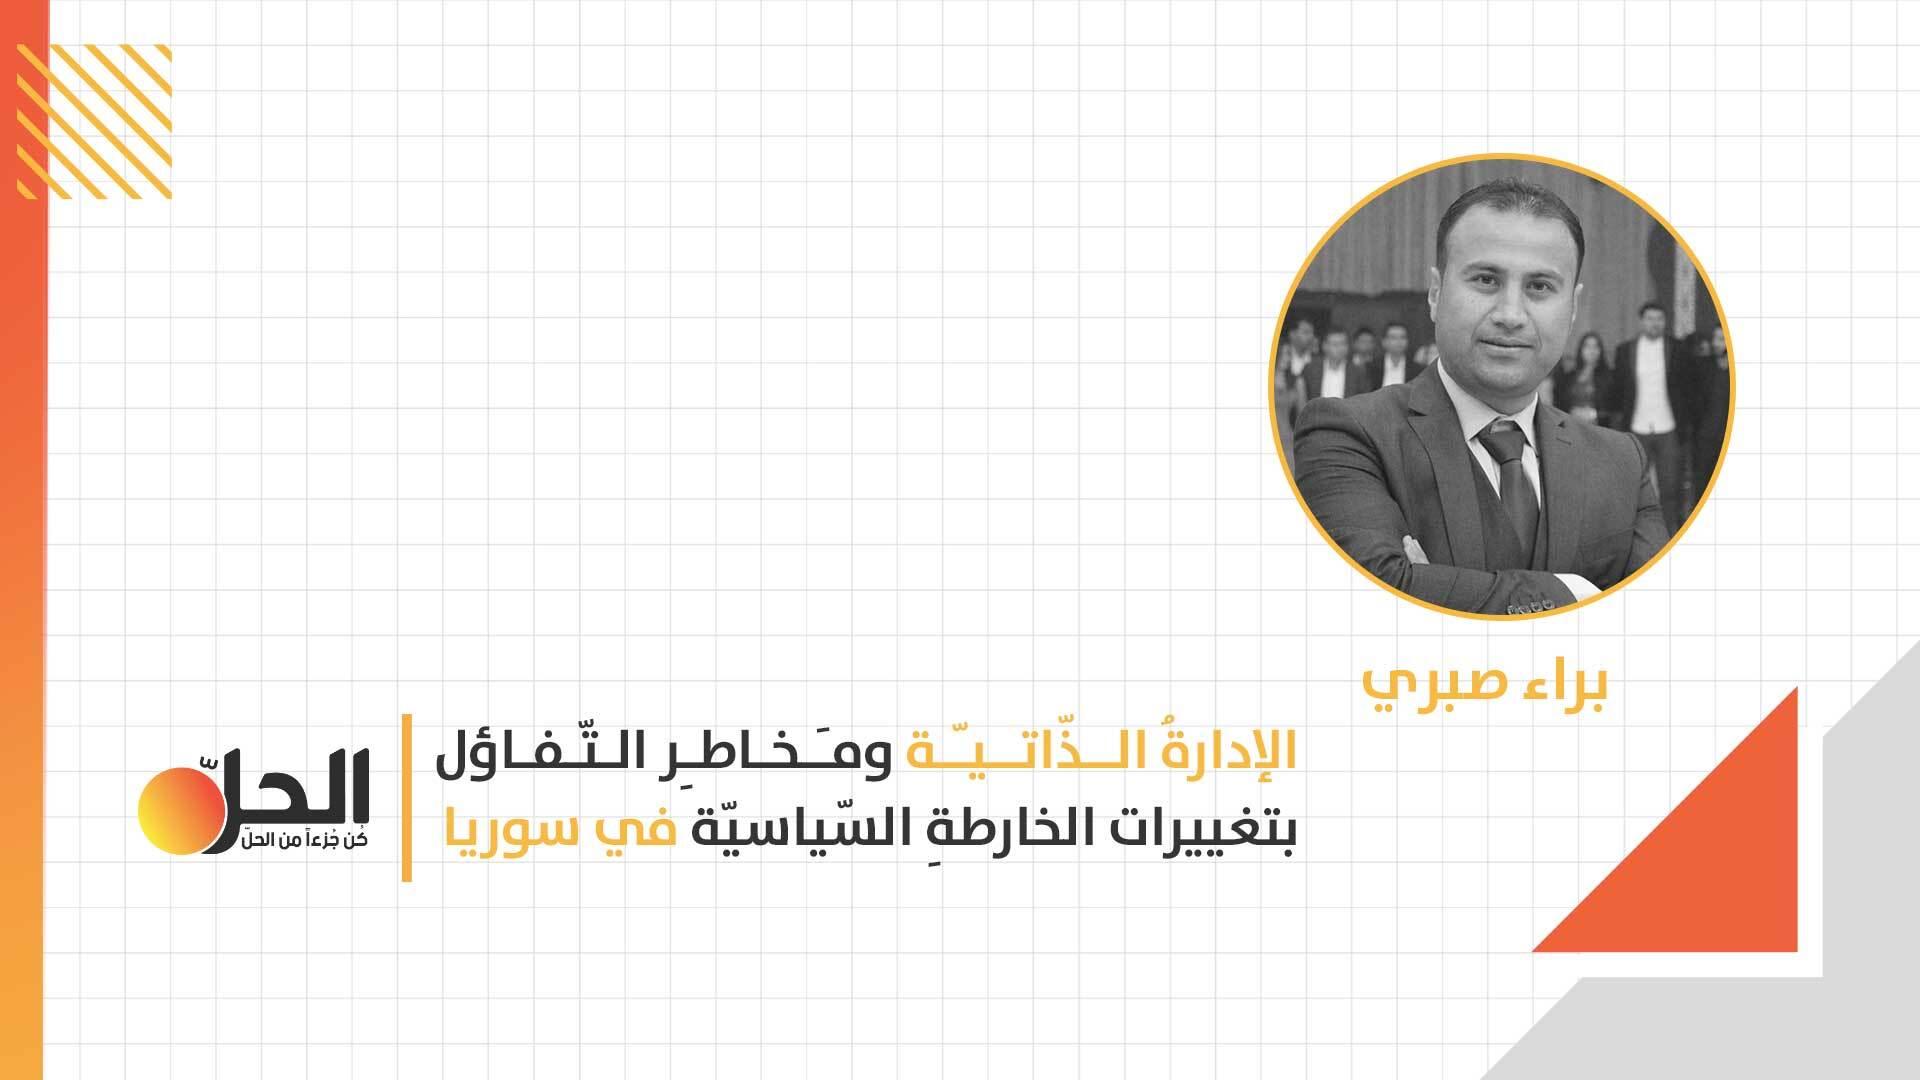 الإدارةُ الذّاتيّة ومَخاطِر التّفاؤل بتغييرات الخارطةِ السّياسيّة في سوريا